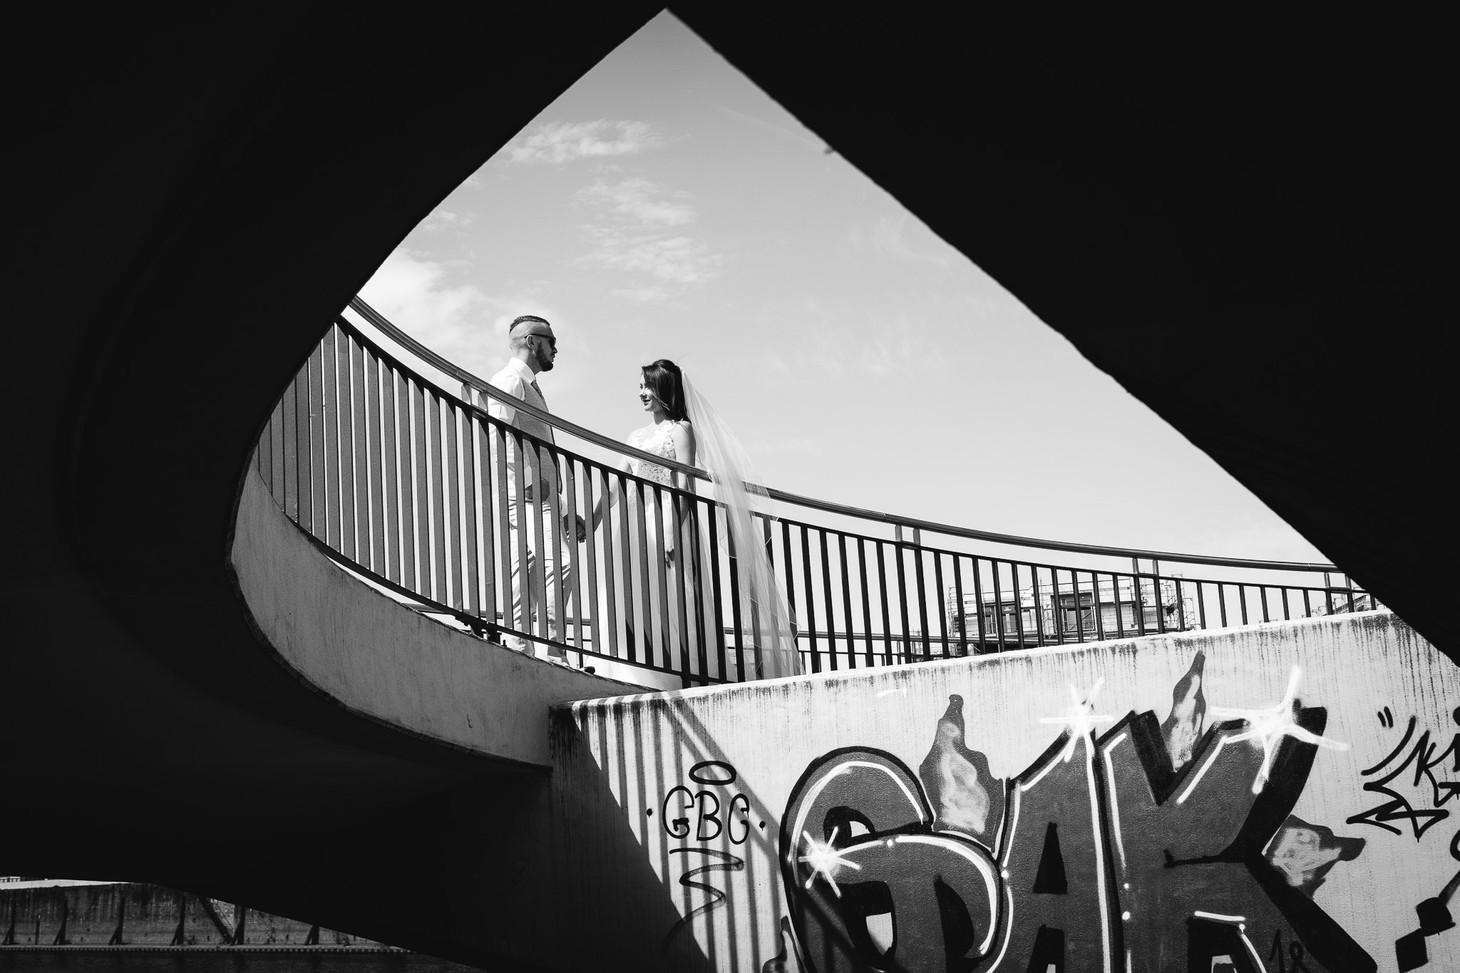 Das Brautpaar und das Framing, Parkinsel - Stadtpark Ludwigshafen. Photo made by Willi Lasarenko Photography.